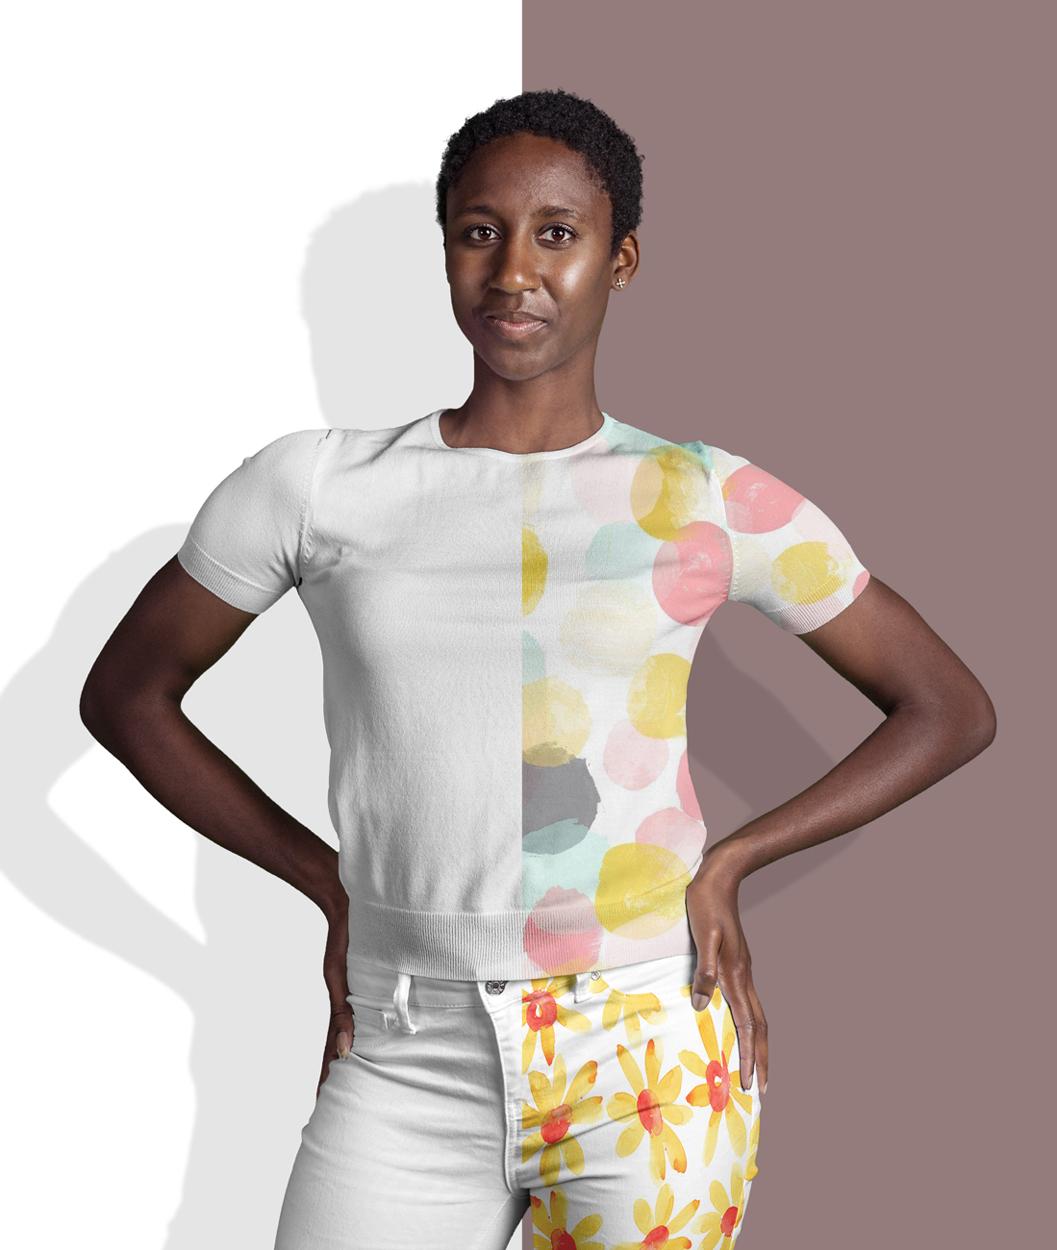 دانلود موکاپ لباس بافتنی آستین کوتاه و شلوار زنانه